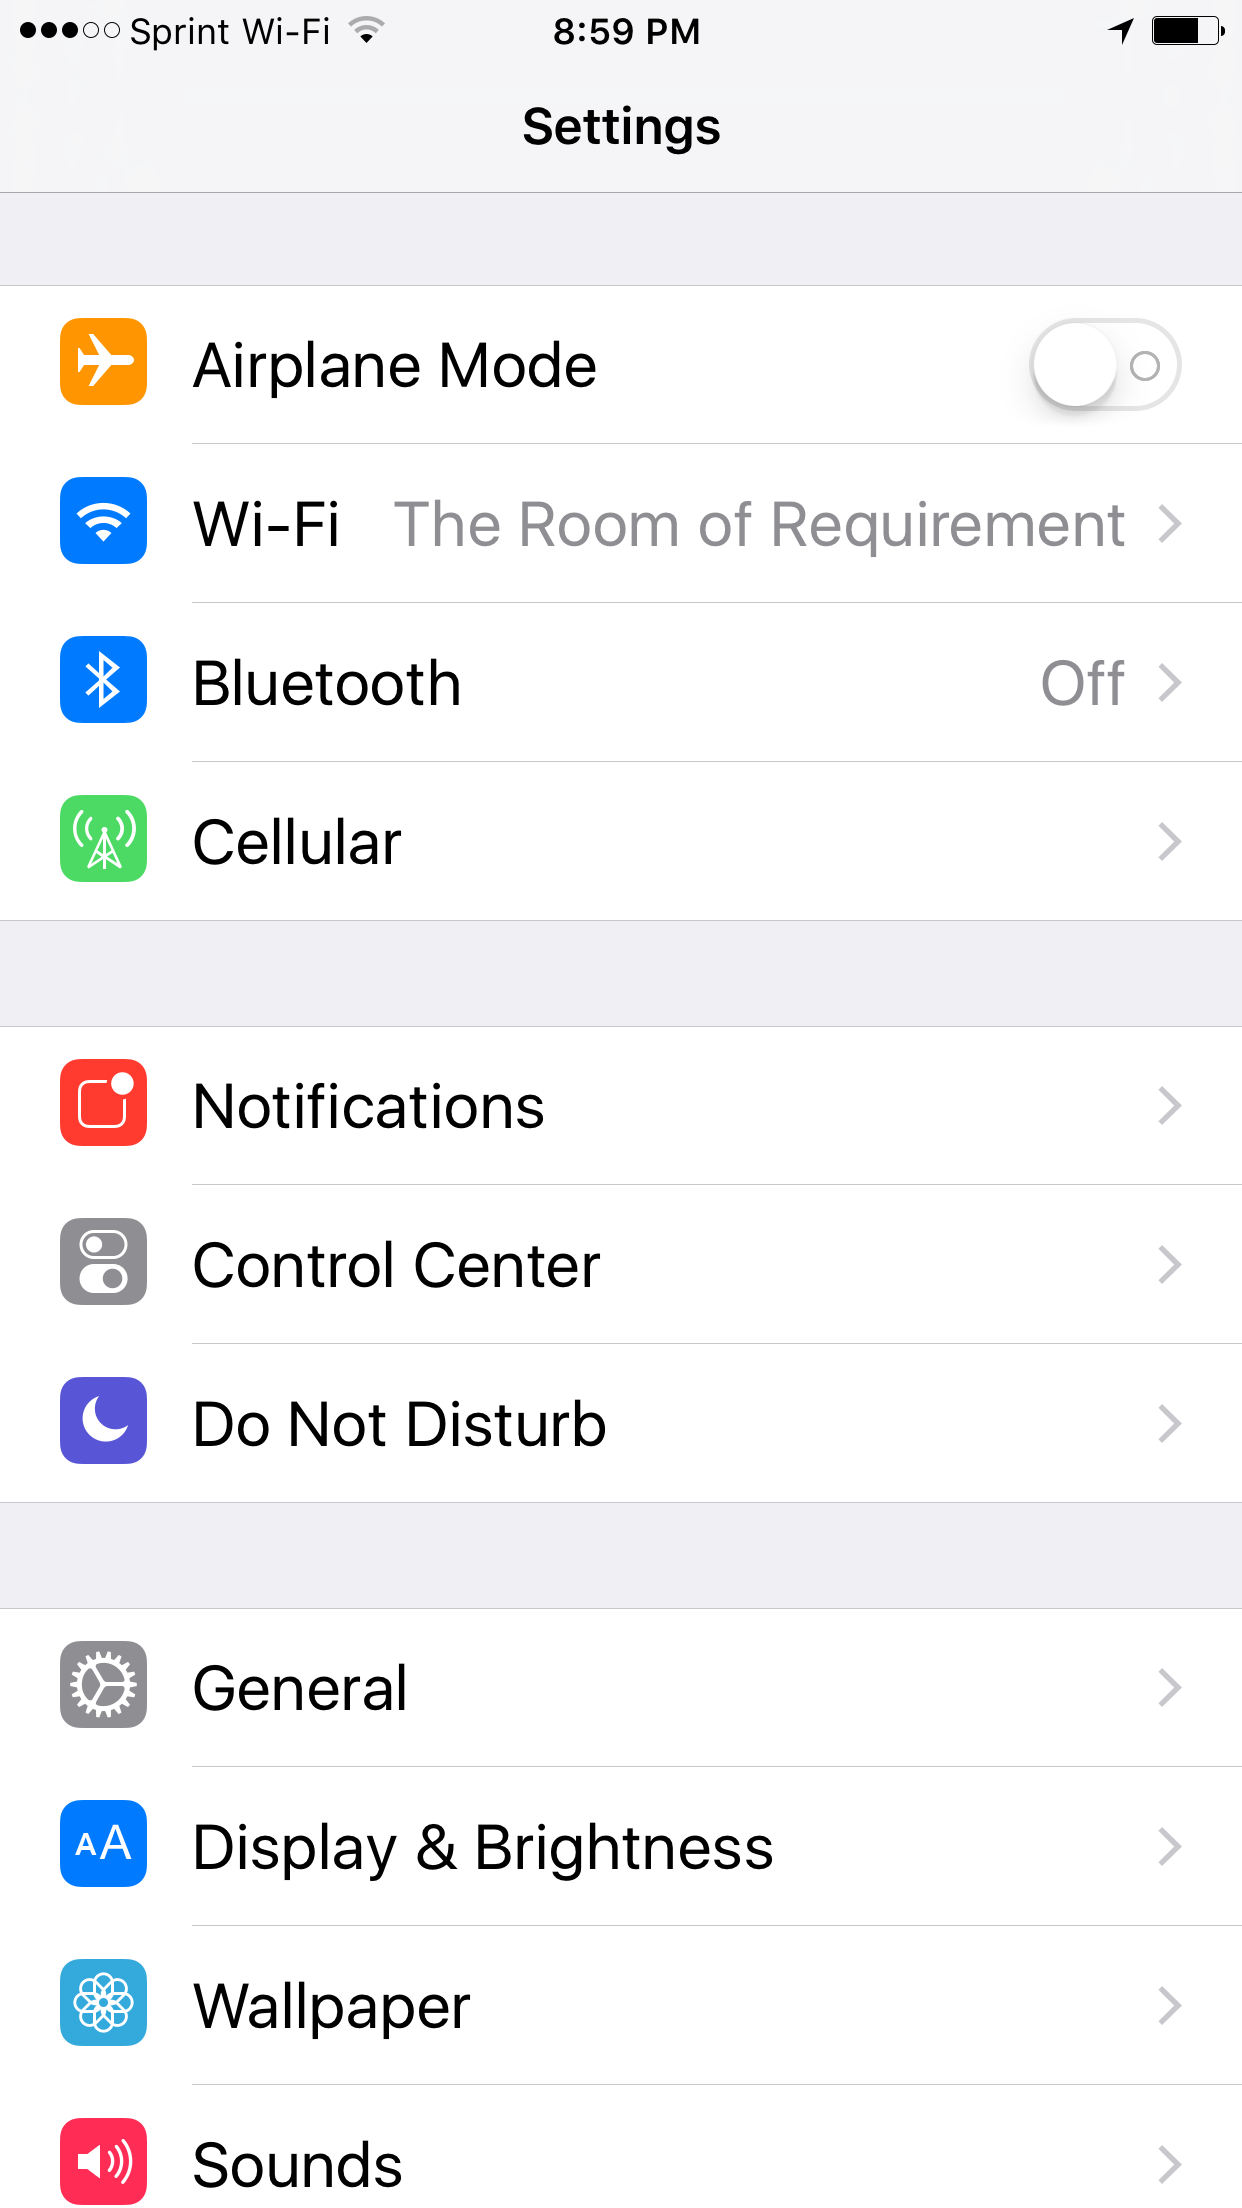 iOS settings screen